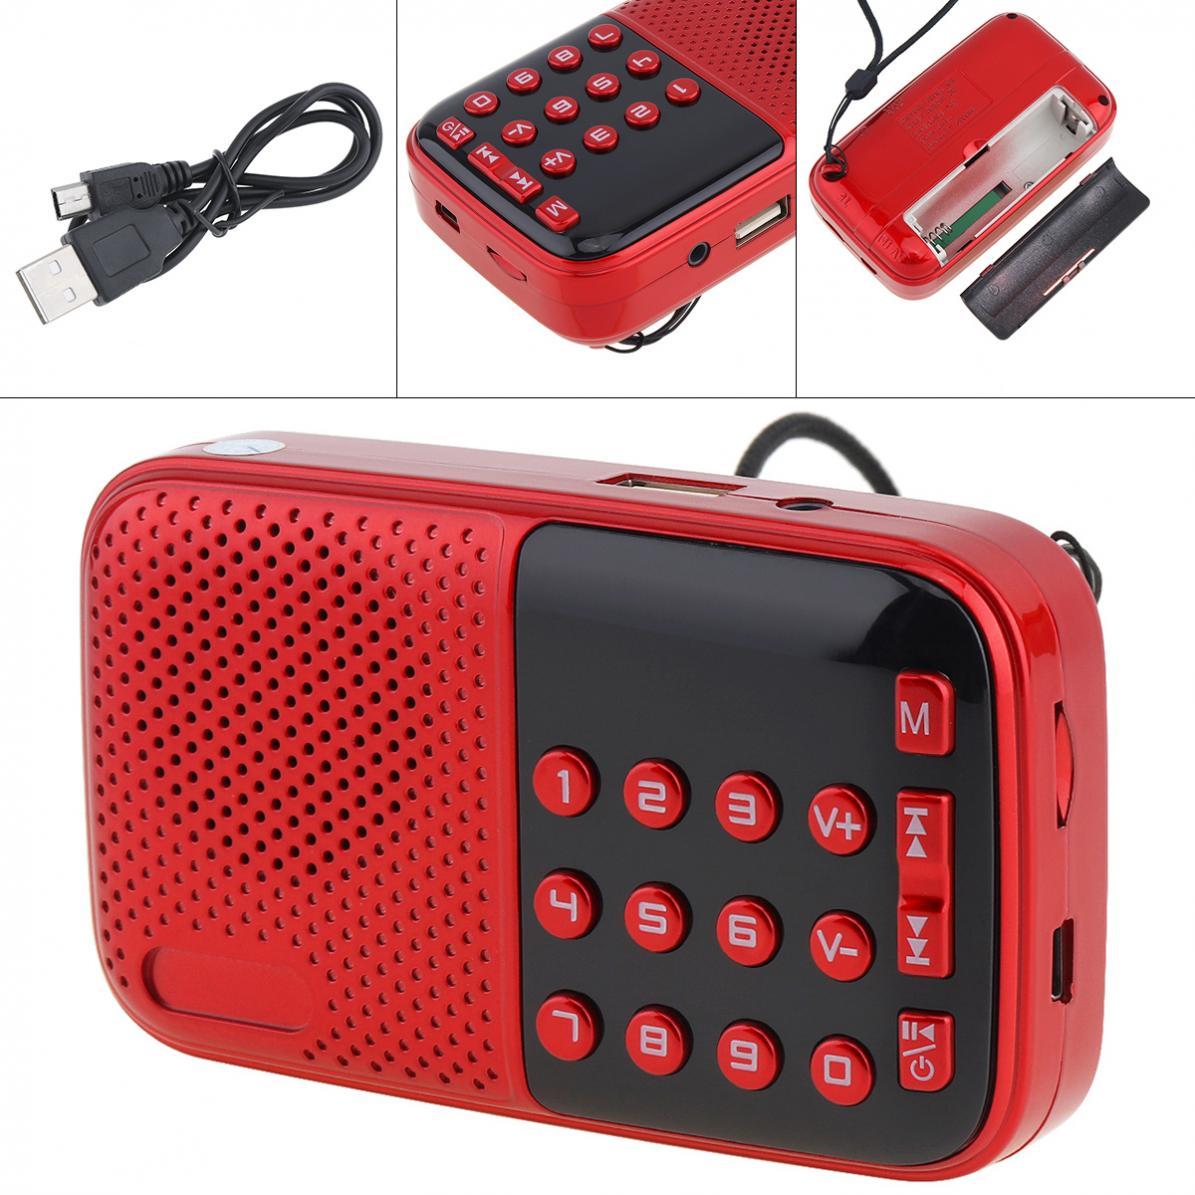 V8 Tragbare Radio Mini Audio Karte Lautsprecher Fm Radio Mit 3,5mm Kopfhörer Jack Für Outdoor/home Radio Unterhaltungselektronik